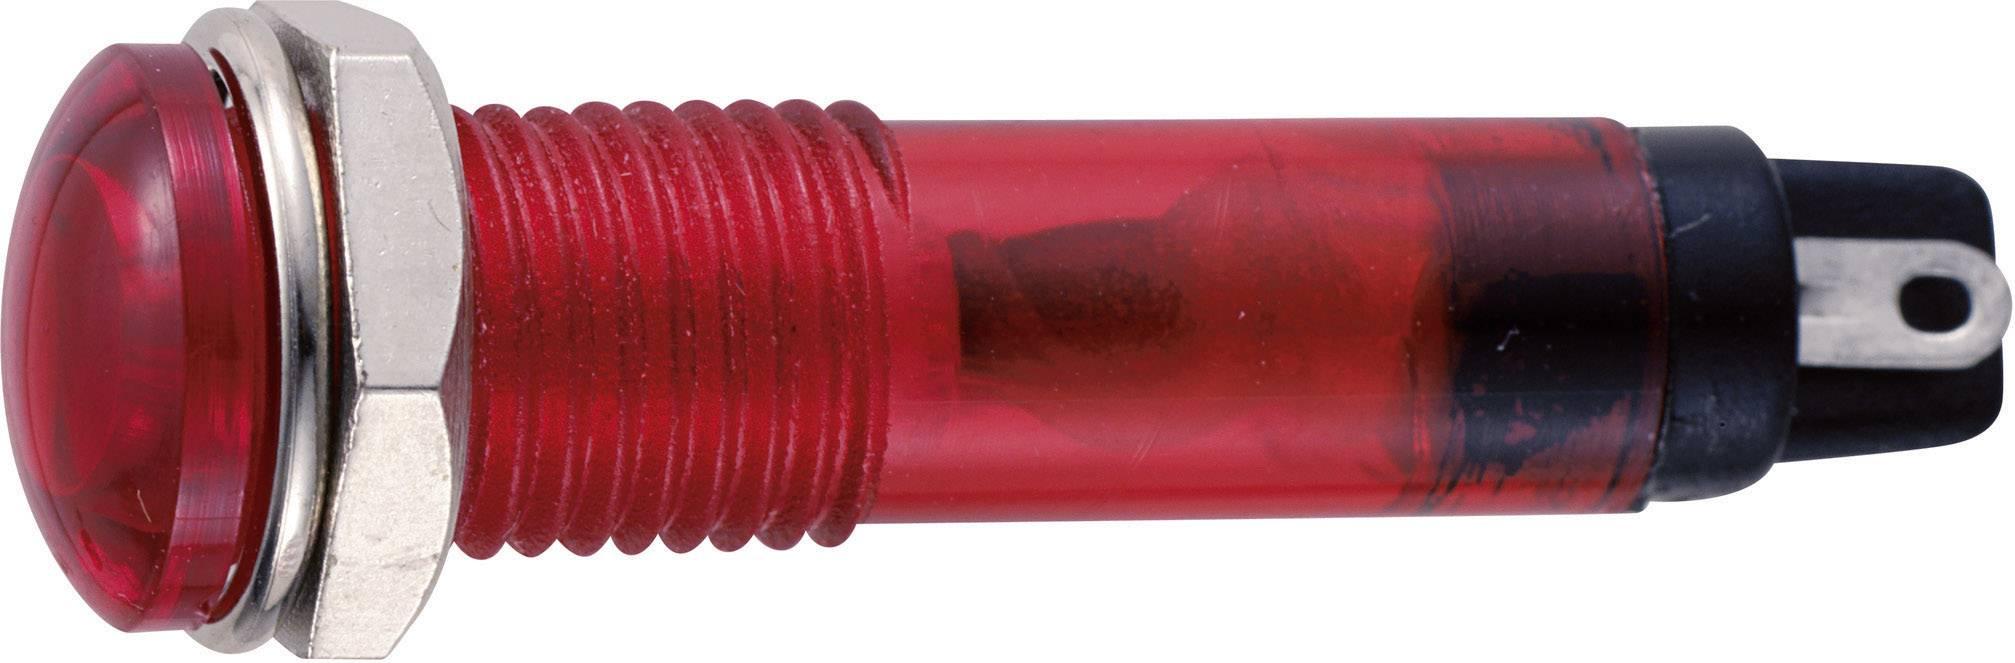 Standardní signálka B-405, RM 7,5